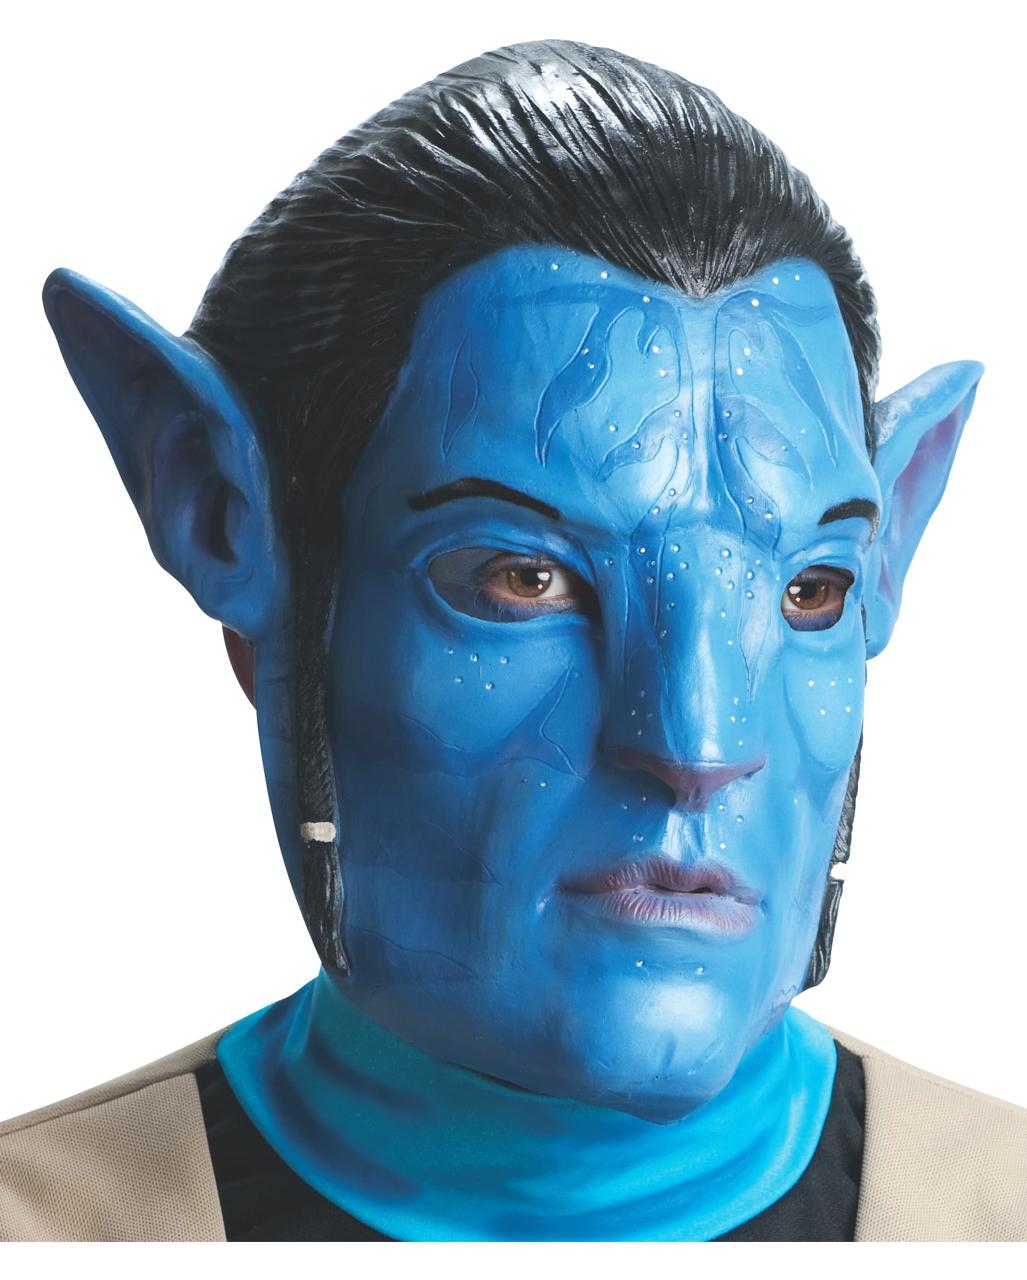 Avatar Jake Sully Maske James Camrons Avatar Masken Horror Shop Com